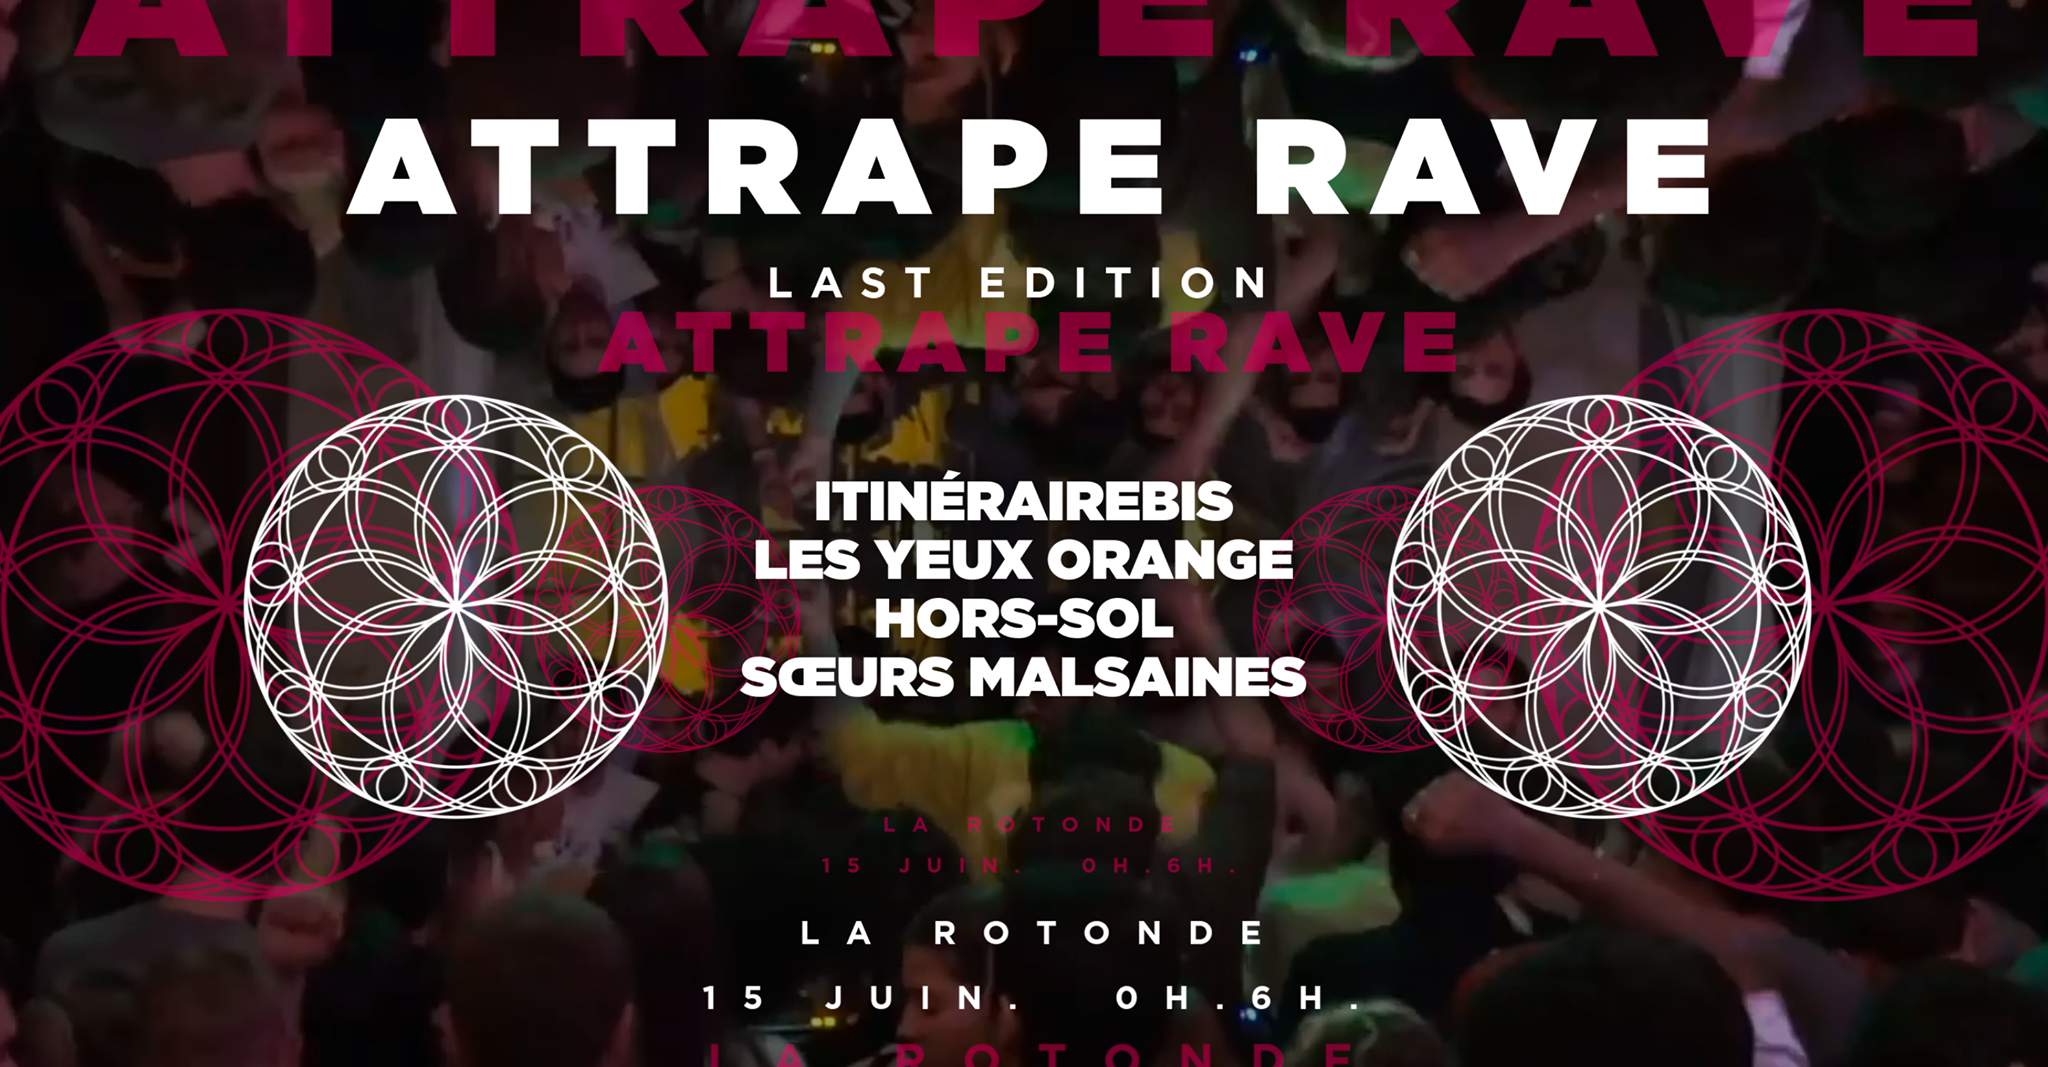 Attrape Rave Final | Les Yeux Orange, Soeurs Malsaines, Hors-Sol